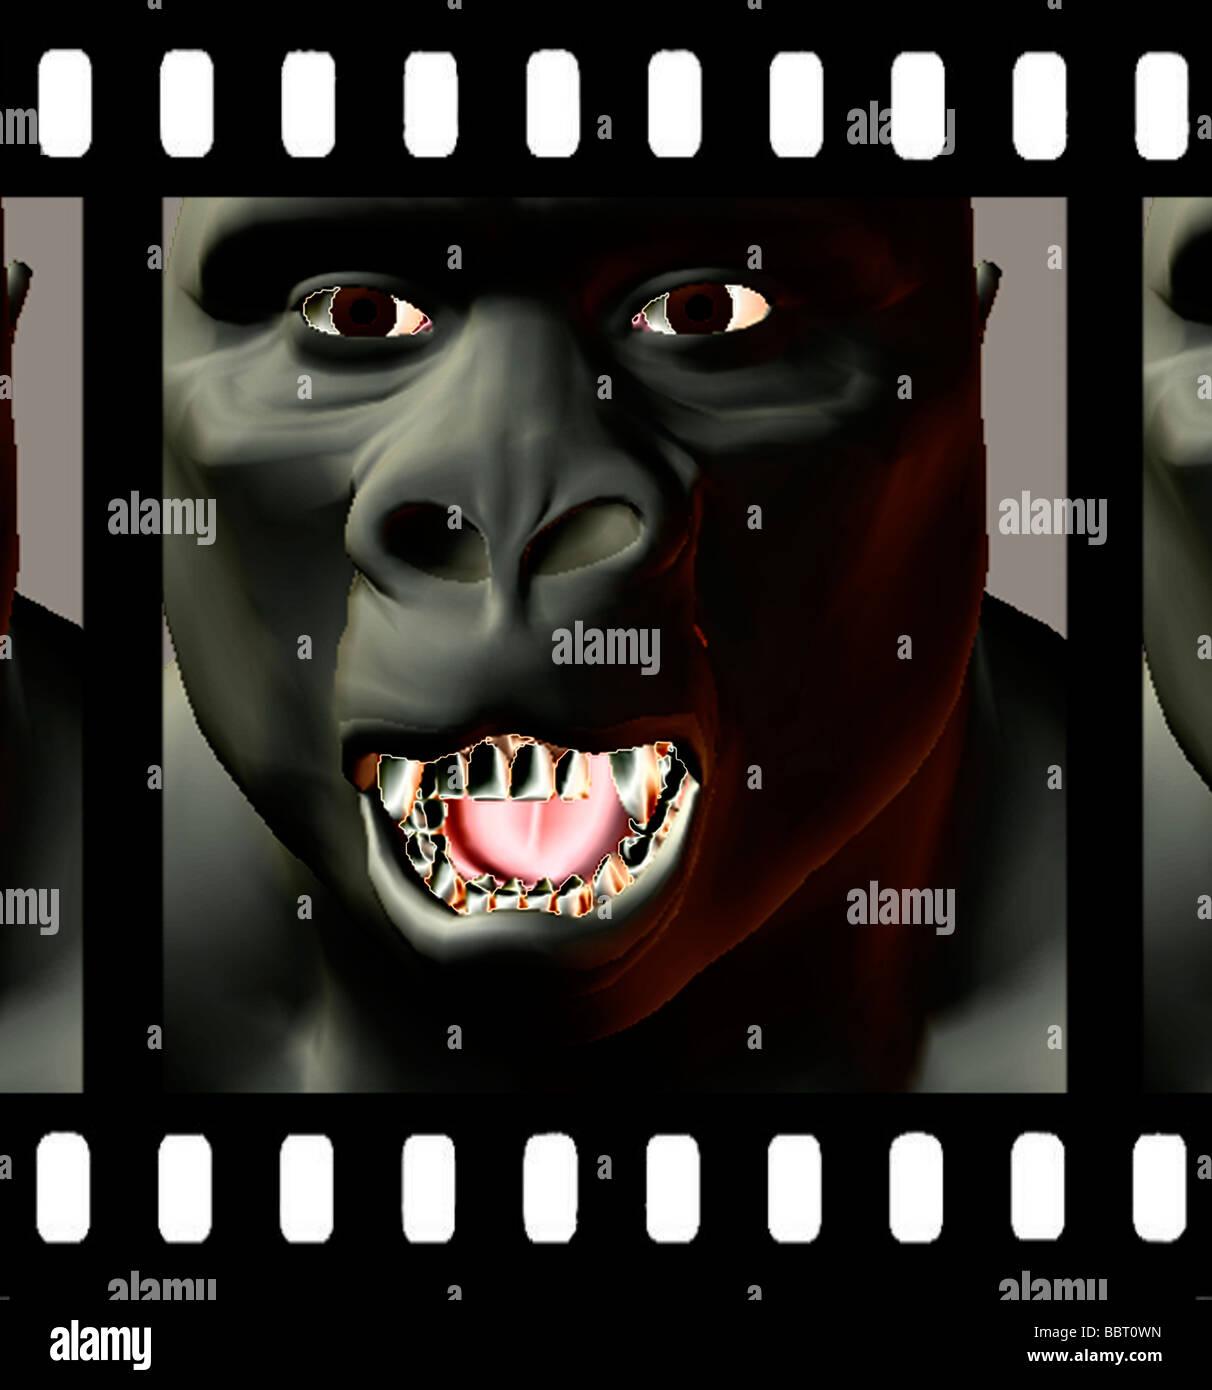 Ilustración 3D generada por ordenador de ape en películas de cine frame Imagen De Stock